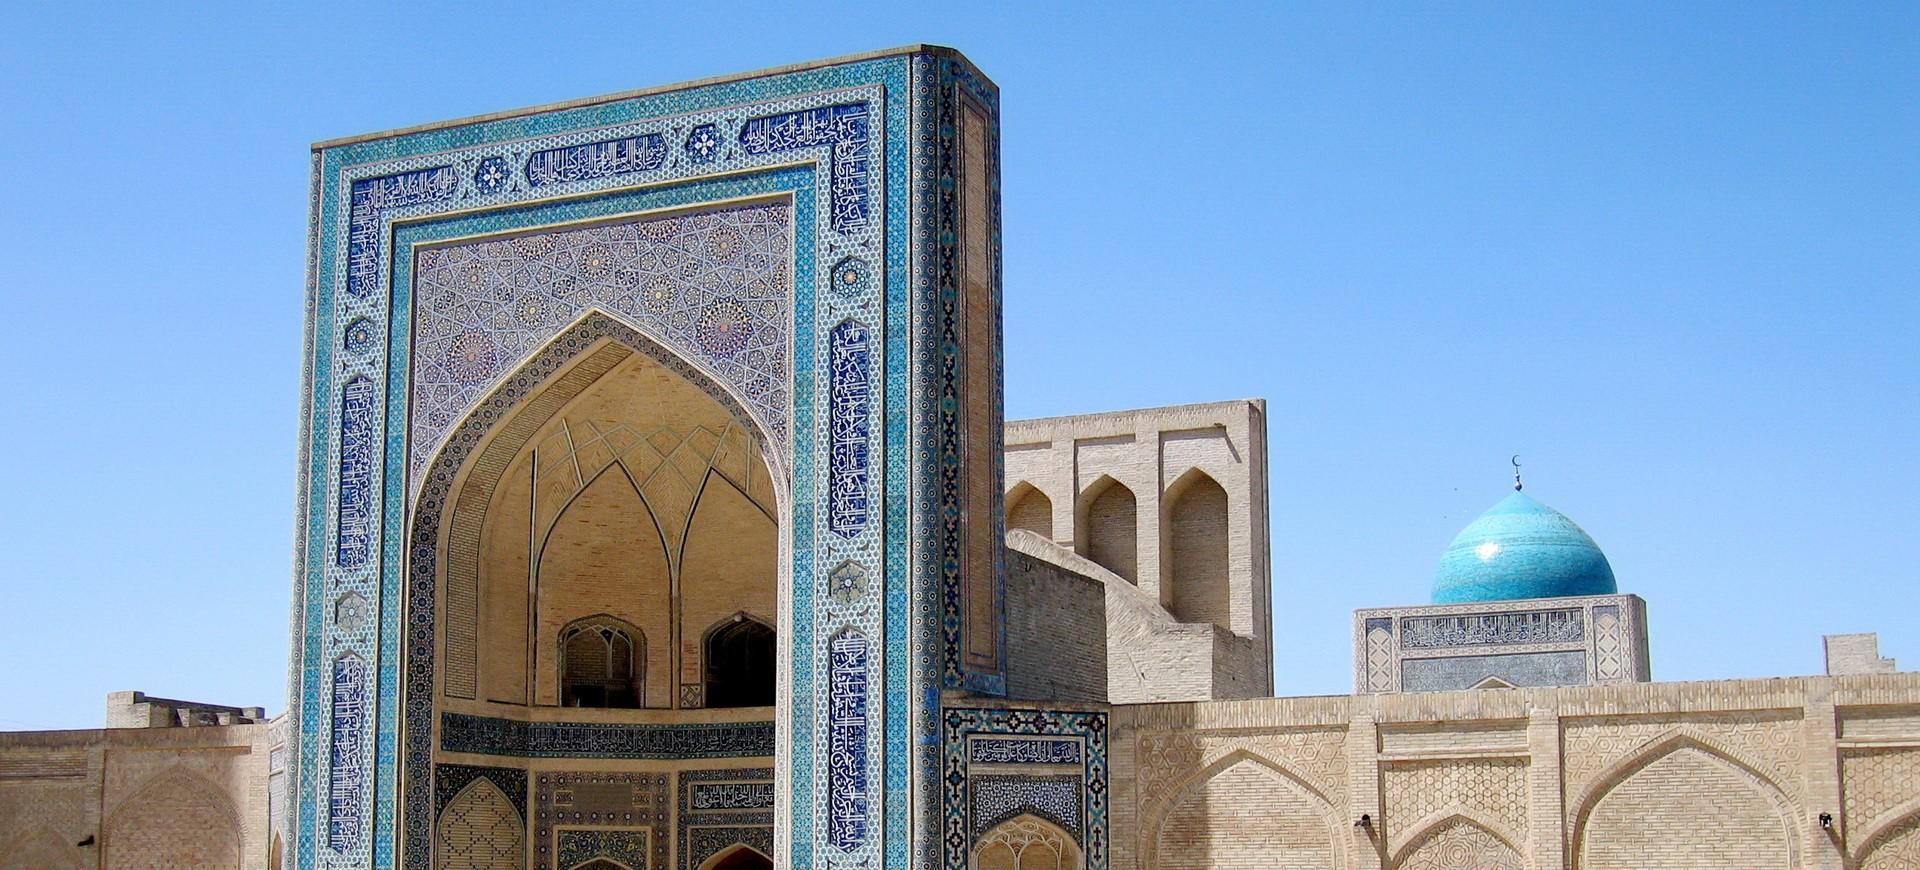 Nécropole à Shakhrisabz en Ouzbékistan